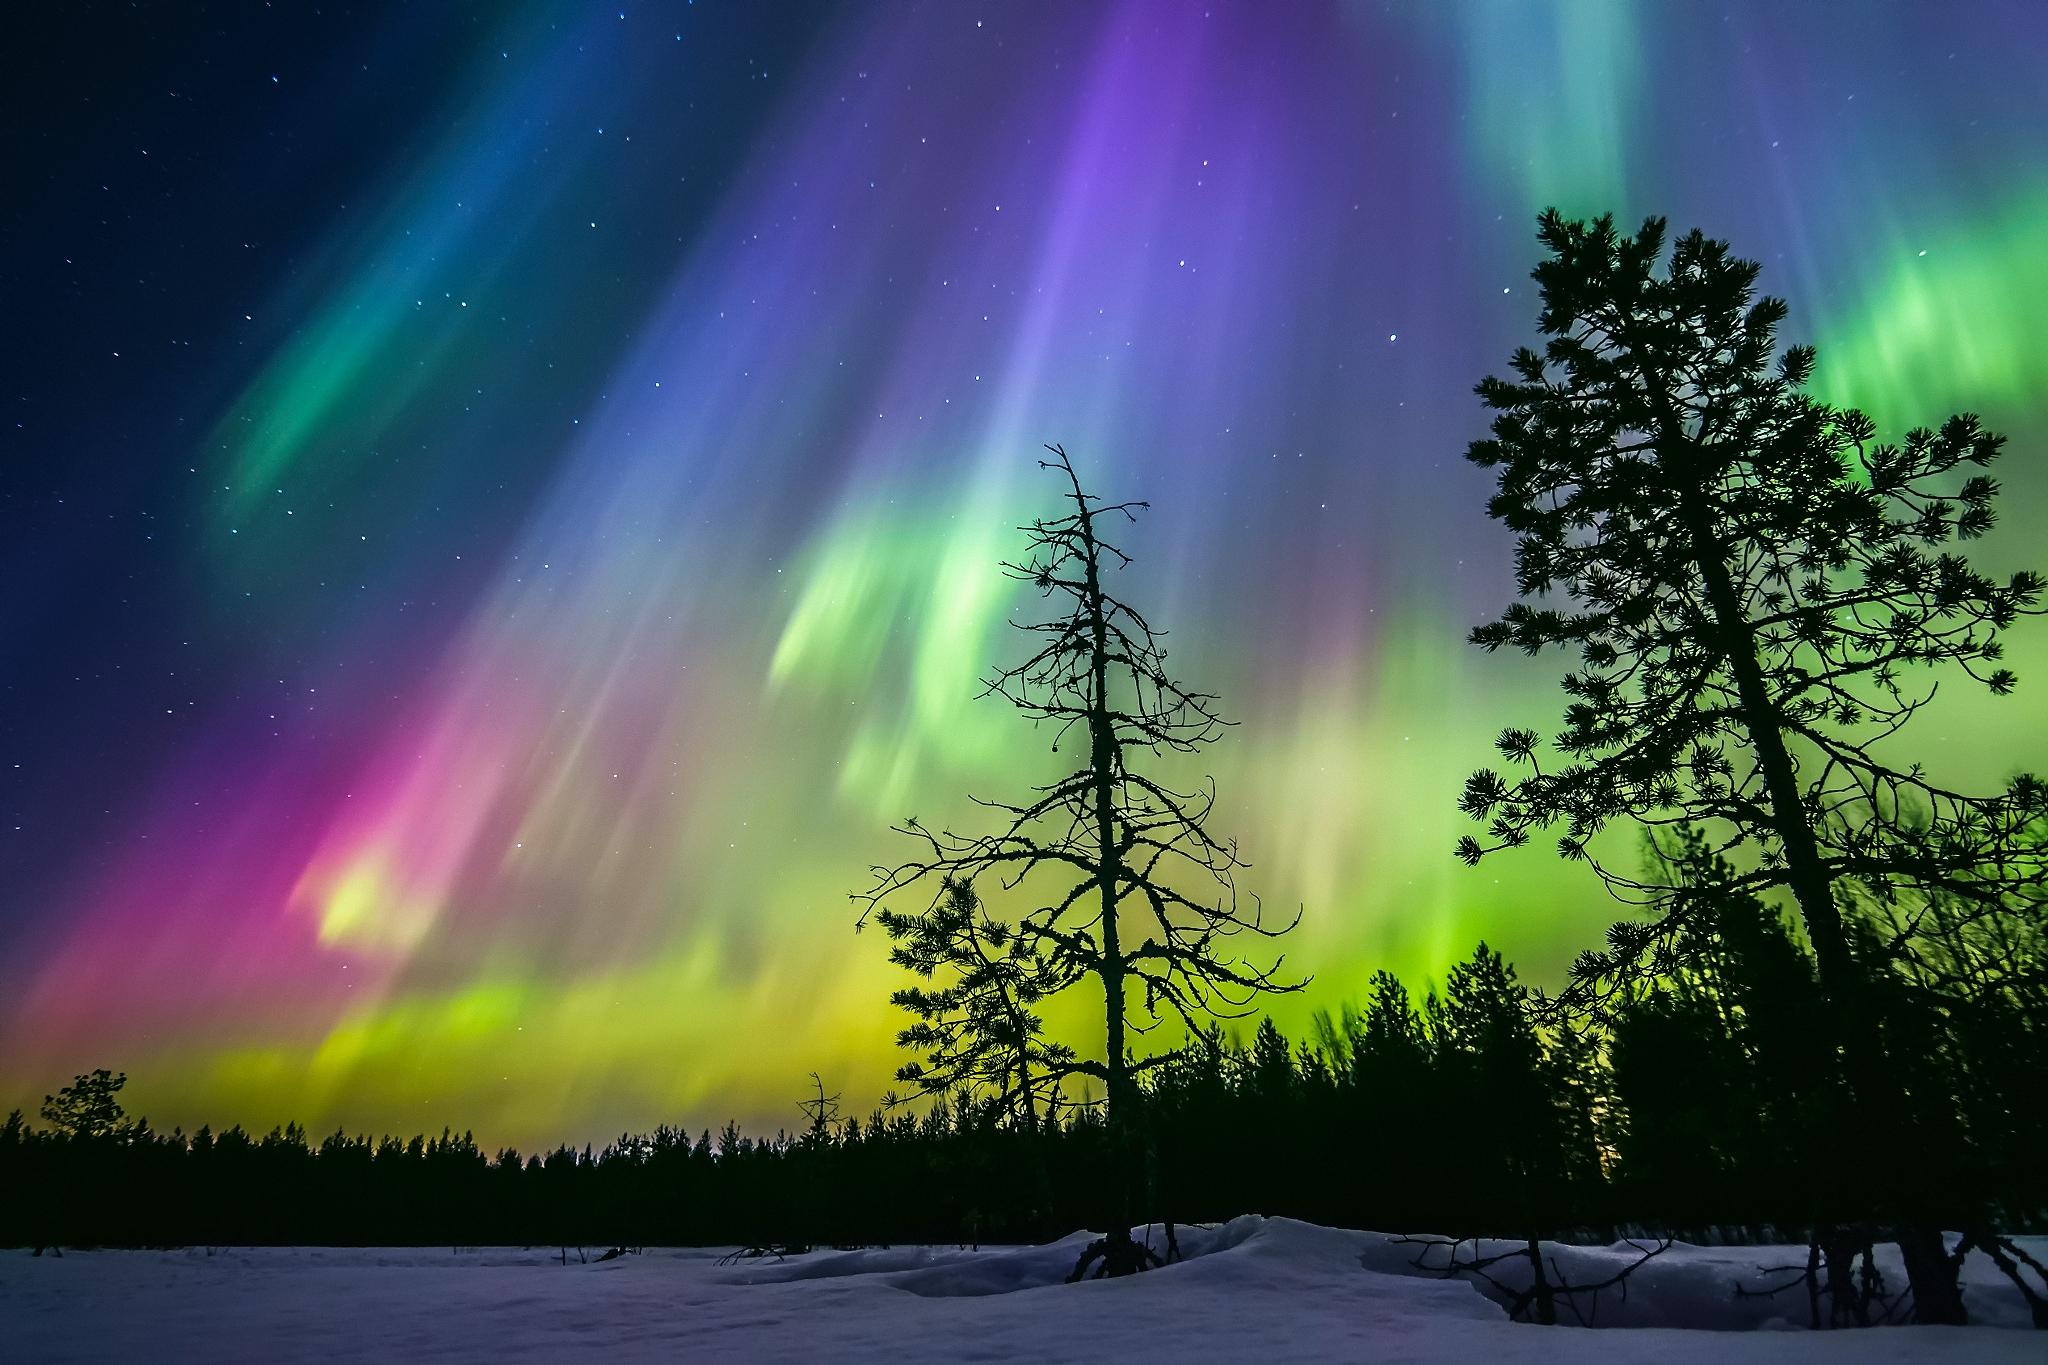 природа северное сияние деревья зима снег дорога nature North lights trees winter snow road загрузить